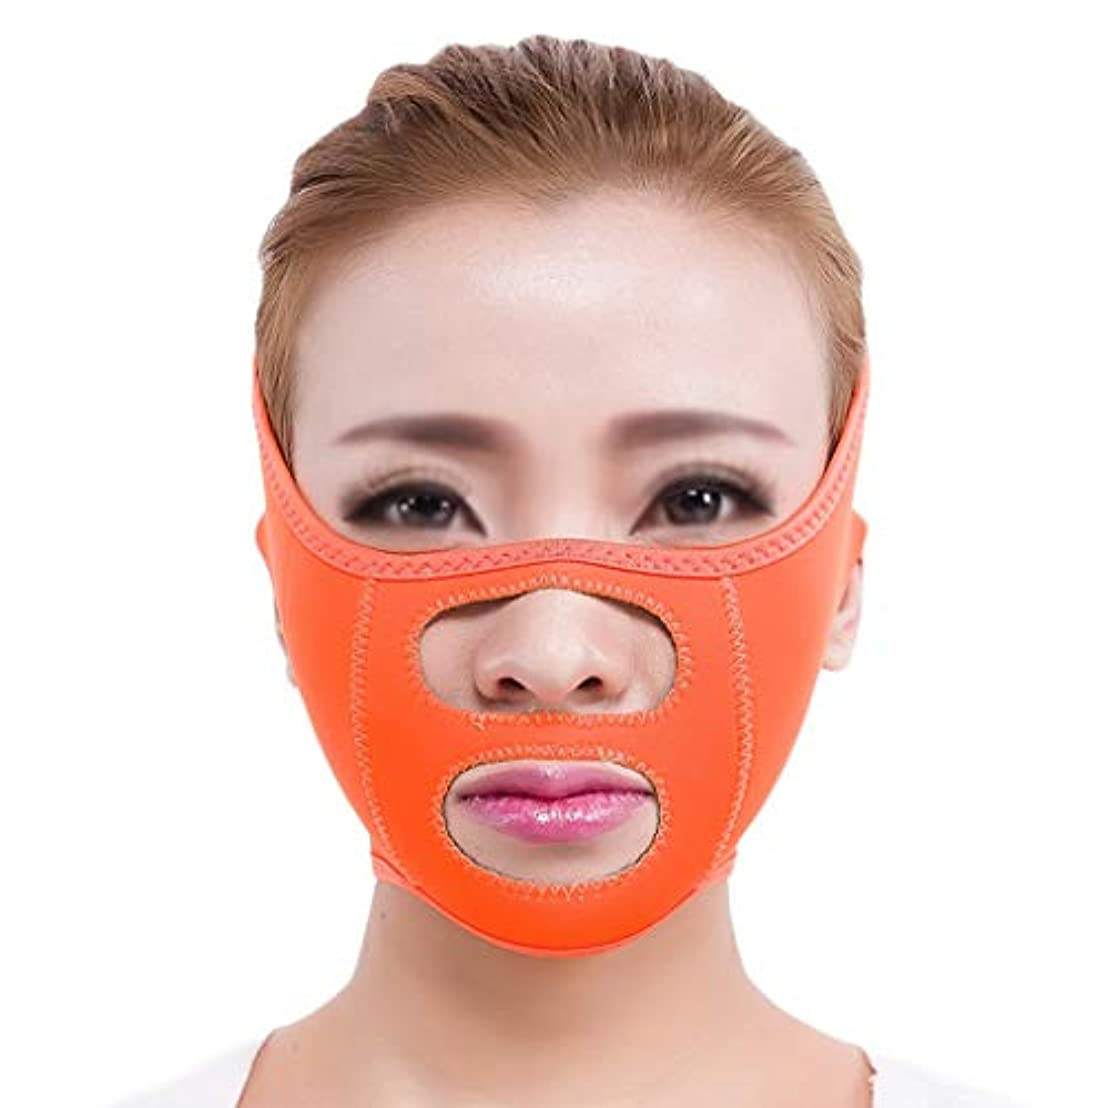 バスト貸す不健全あごのストラップ、フェイスリフティングマスク、二重あご、フェイスリフティングに最適、リフティングフェイシャルスキン、フェイシャル減量マスク、フェイスリフティングベルト(フリーサイズ) (Color : Orange)